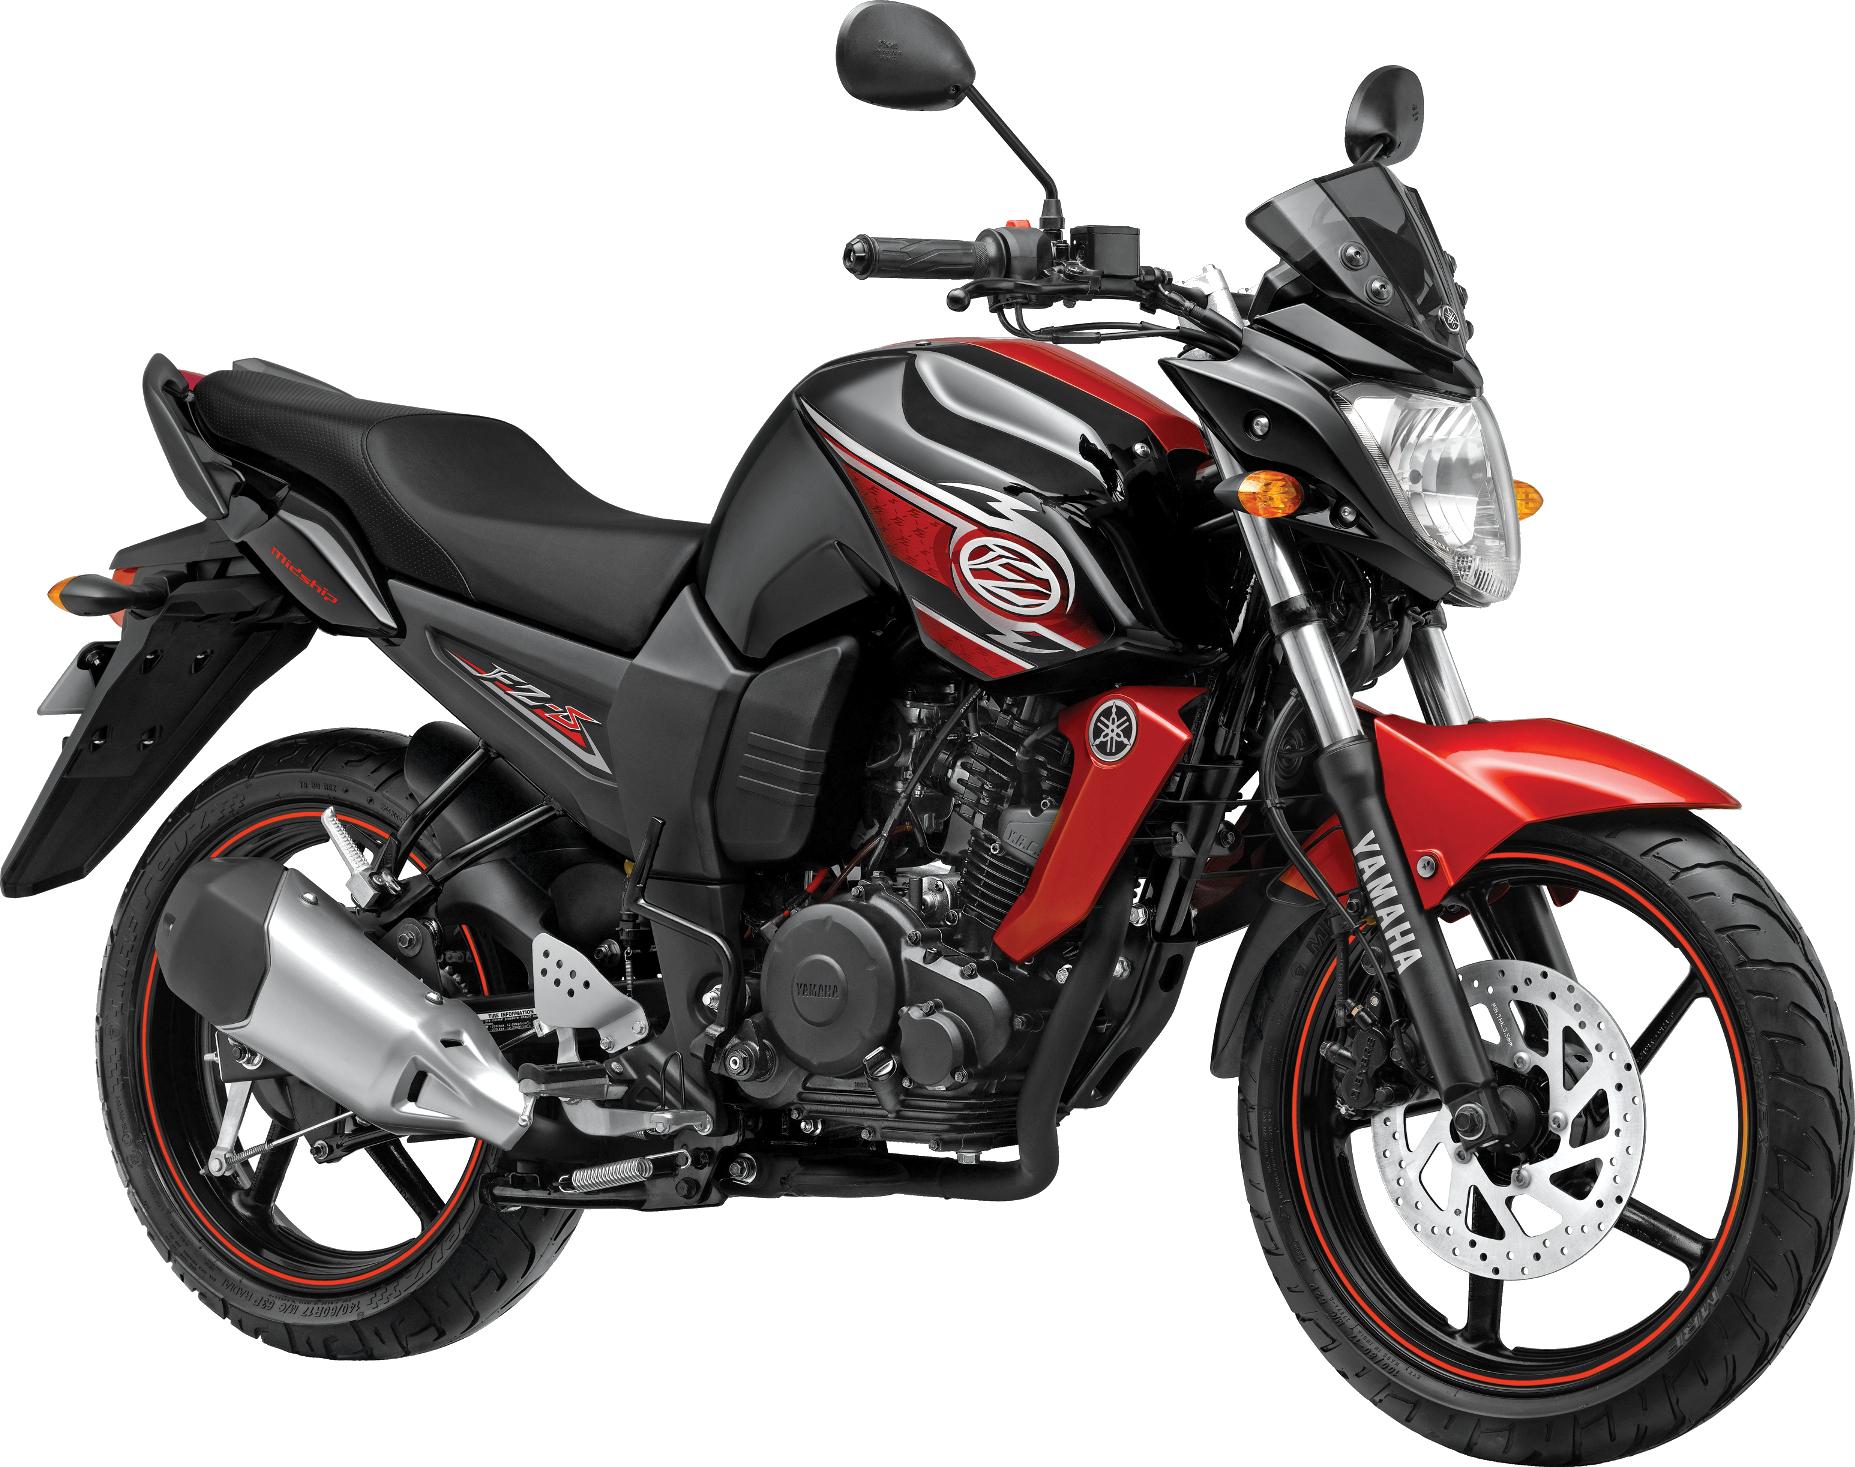 PNG HD Bike - 128439